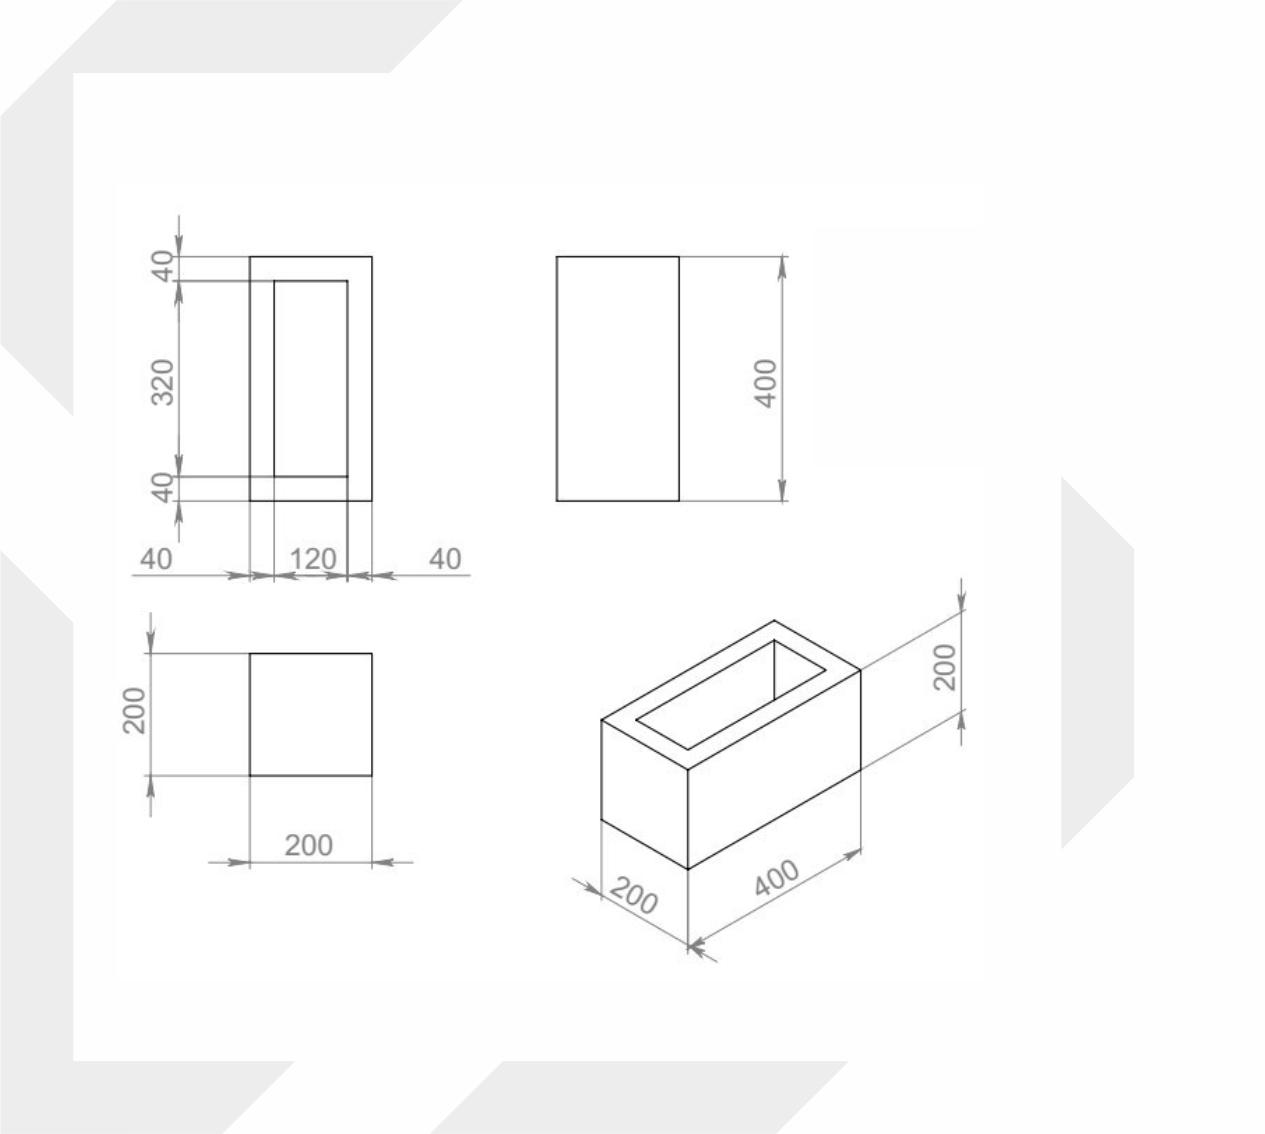 Блок вентиляционных каналов, 200x400x200 мм image 1